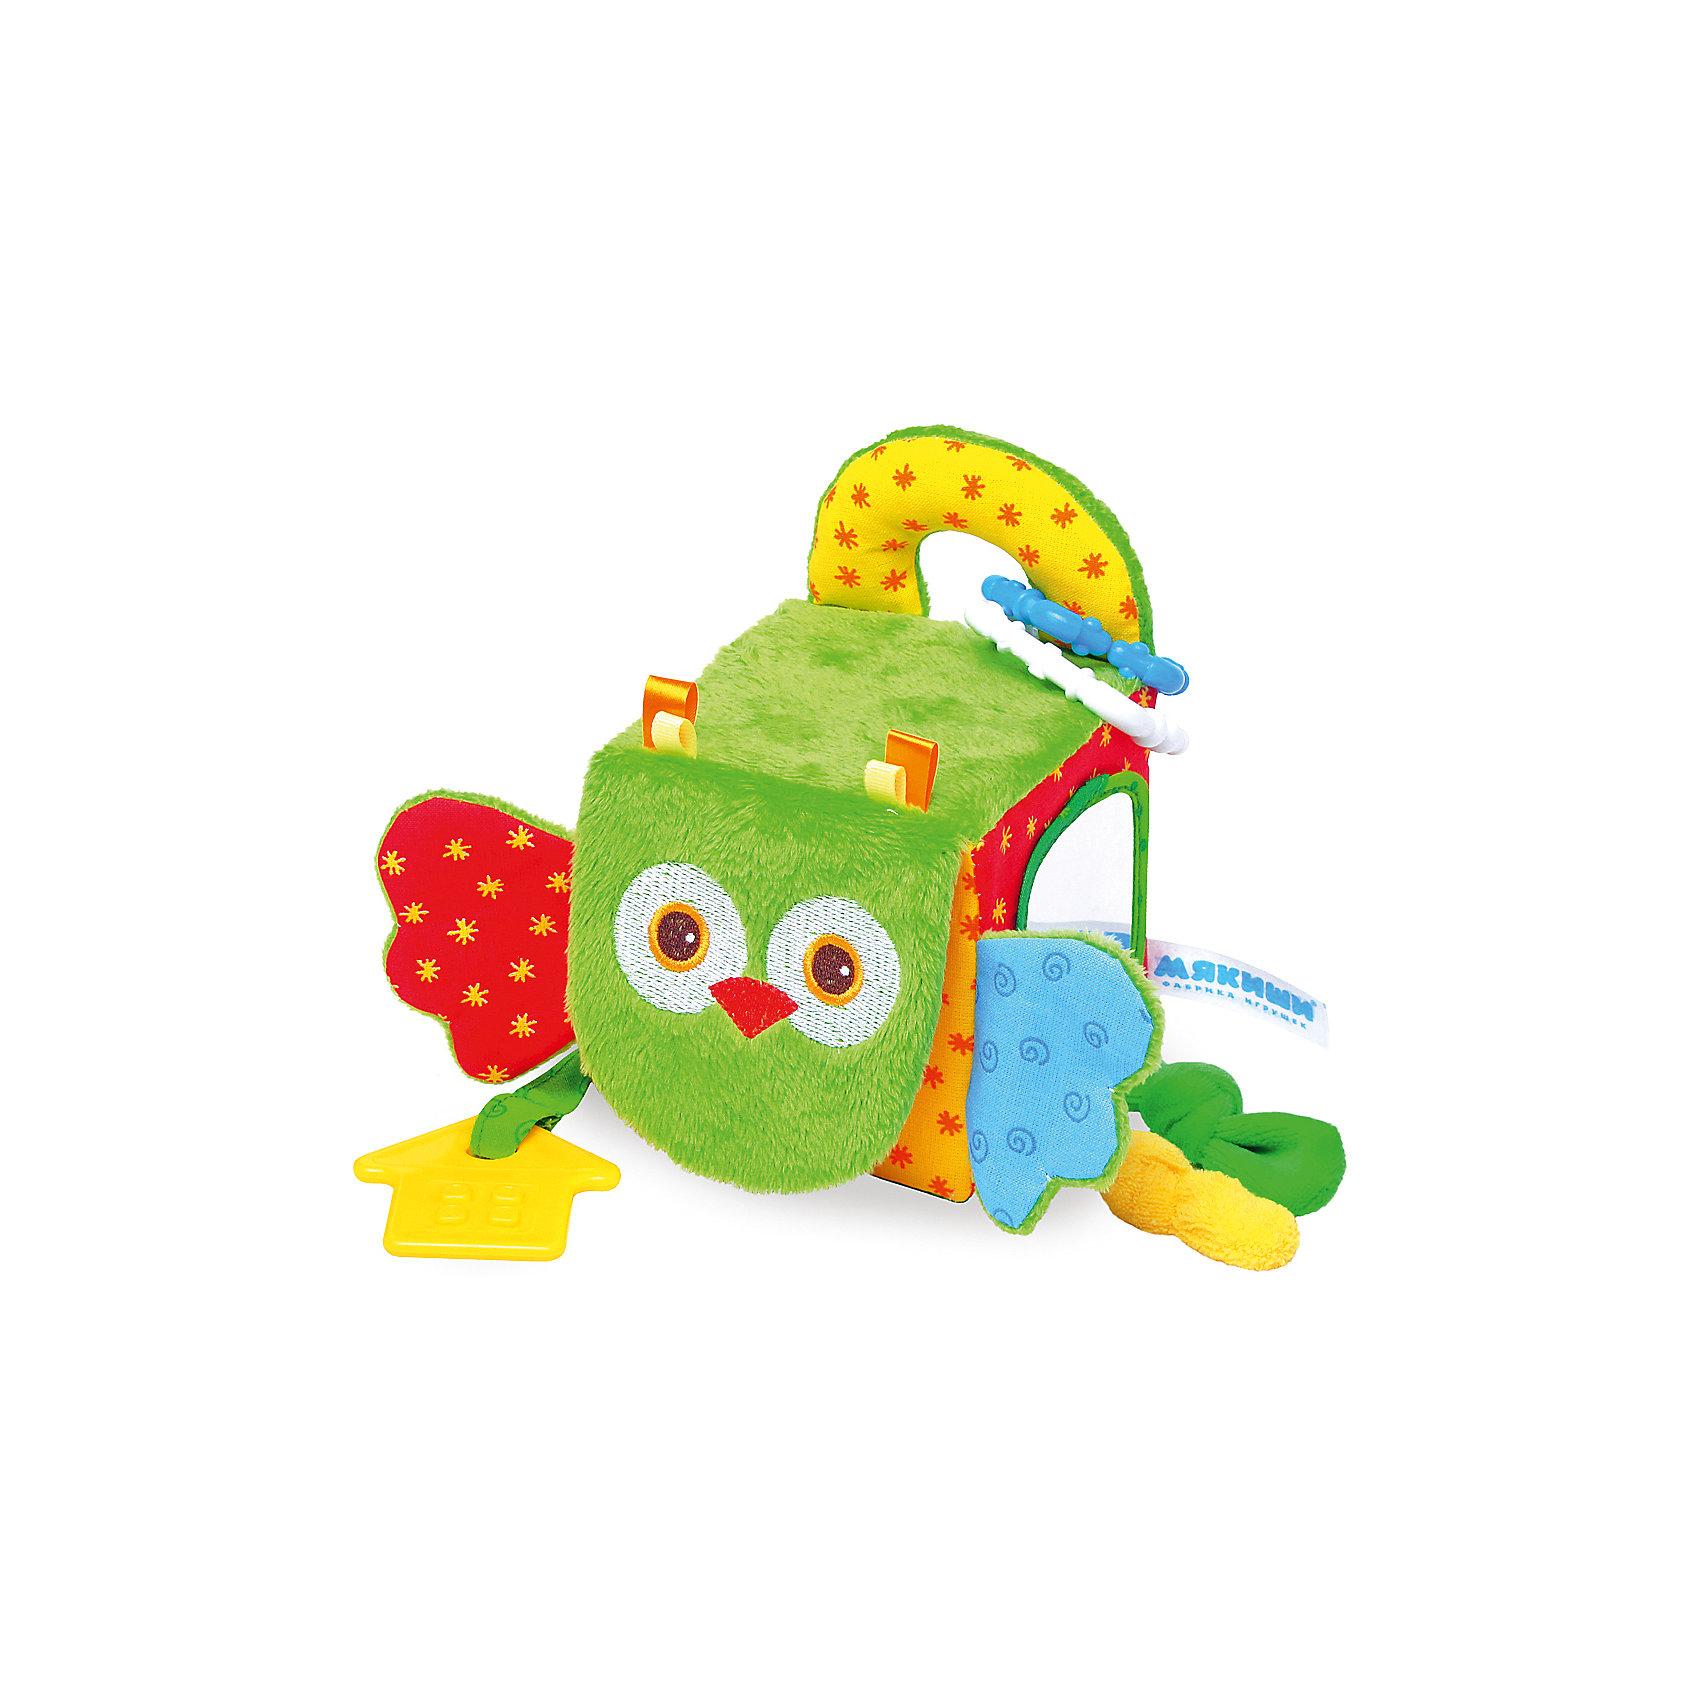 Кубик Сова, МякишиМягкие игрушки<br>Характеристики товара:<br><br>• материал: разнофактурный текстиль, поролон<br>• комплектация: 1 шт<br>• размер игрушки: 5х20х10 см<br>• звуковой элемент<br>• подвес<br>• прорезыватель<br>• развивающая игрушка<br>• упаковка: картон<br>• страна бренда: РФ<br>• страна изготовитель: РФ<br><br>Малыши активно познают мир и тянутся к новой информации. Чтобы сделать процесс изучения окружающего пространства интереснее, ребенку можно подарить развивающие игрушки. В процессе игры информация усваивается намного лучше!<br>Такие игрушки помогут занять малыша, играть ими приятно и весело. Одновременно они позволят познакомиться со многими цветами, фактурами, а также научиться извлекать звук. Подобные игрушки развивают тактильные ощущения, моторику, цветовосприятие, логику, воображение, учат фокусировать внимание. Каждое изделие абсолютно безопасно – оно создано из качественной ткани с мягким наполнителем. Игрушки производятся из качественных и проверенных материалов, которые безопасны для детей.<br><br>Кубик Сова от бренда Мякиши можно купить в нашем интернет-магазине.<br><br>Ширина мм: 155<br>Глубина мм: 200<br>Высота мм: 100<br>Вес г: 90<br>Возраст от месяцев: 12<br>Возраст до месяцев: 36<br>Пол: Унисекс<br>Возраст: Детский<br>SKU: 5183213